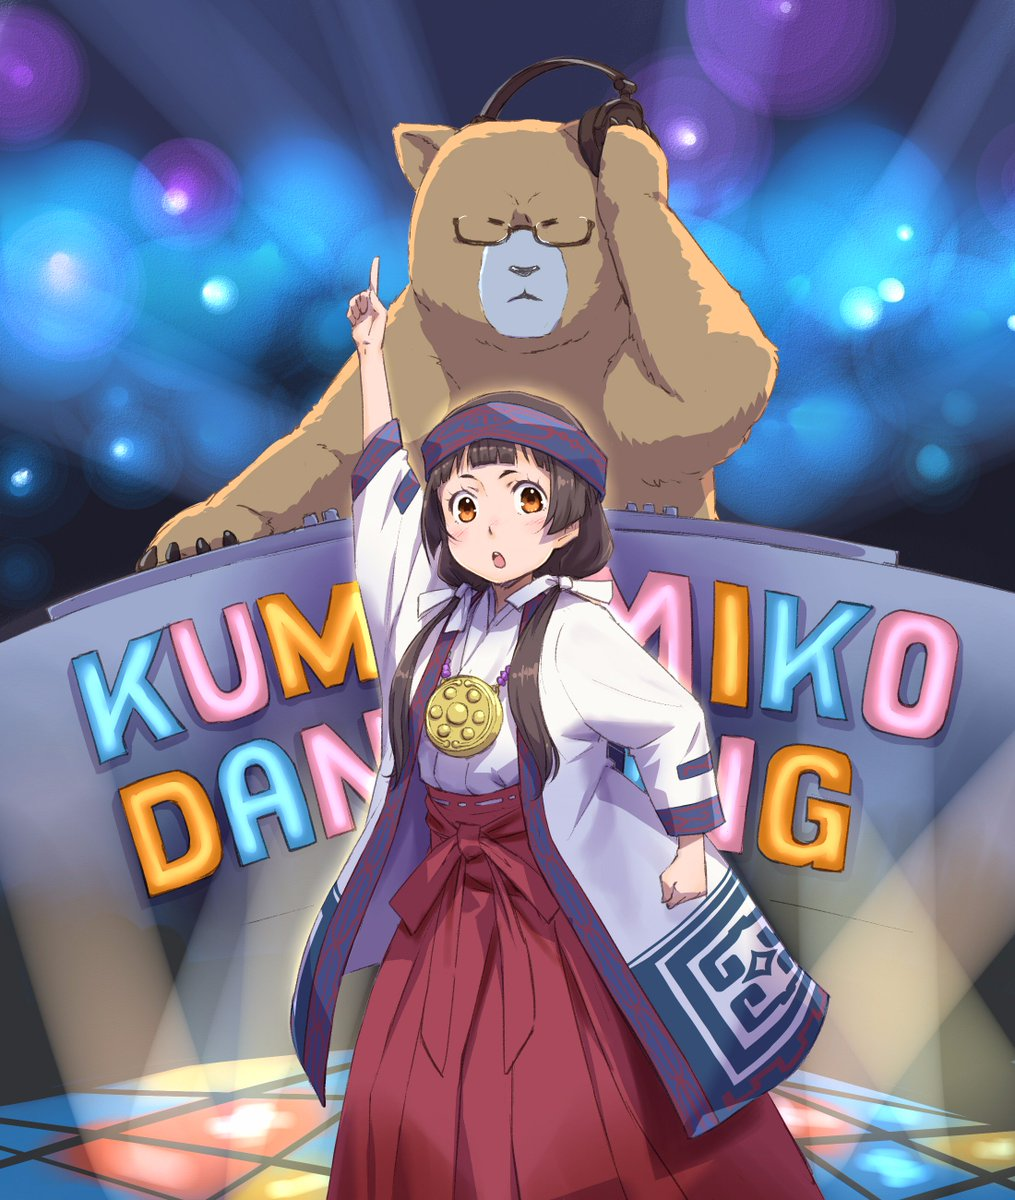 くまみこじゃ~♪まちちゃんじゃ~♪ KUMAMIKO DANCING最高なんじゃ~!! #kumamiko #くまみこ https://t.co/zYXQXLCUfo